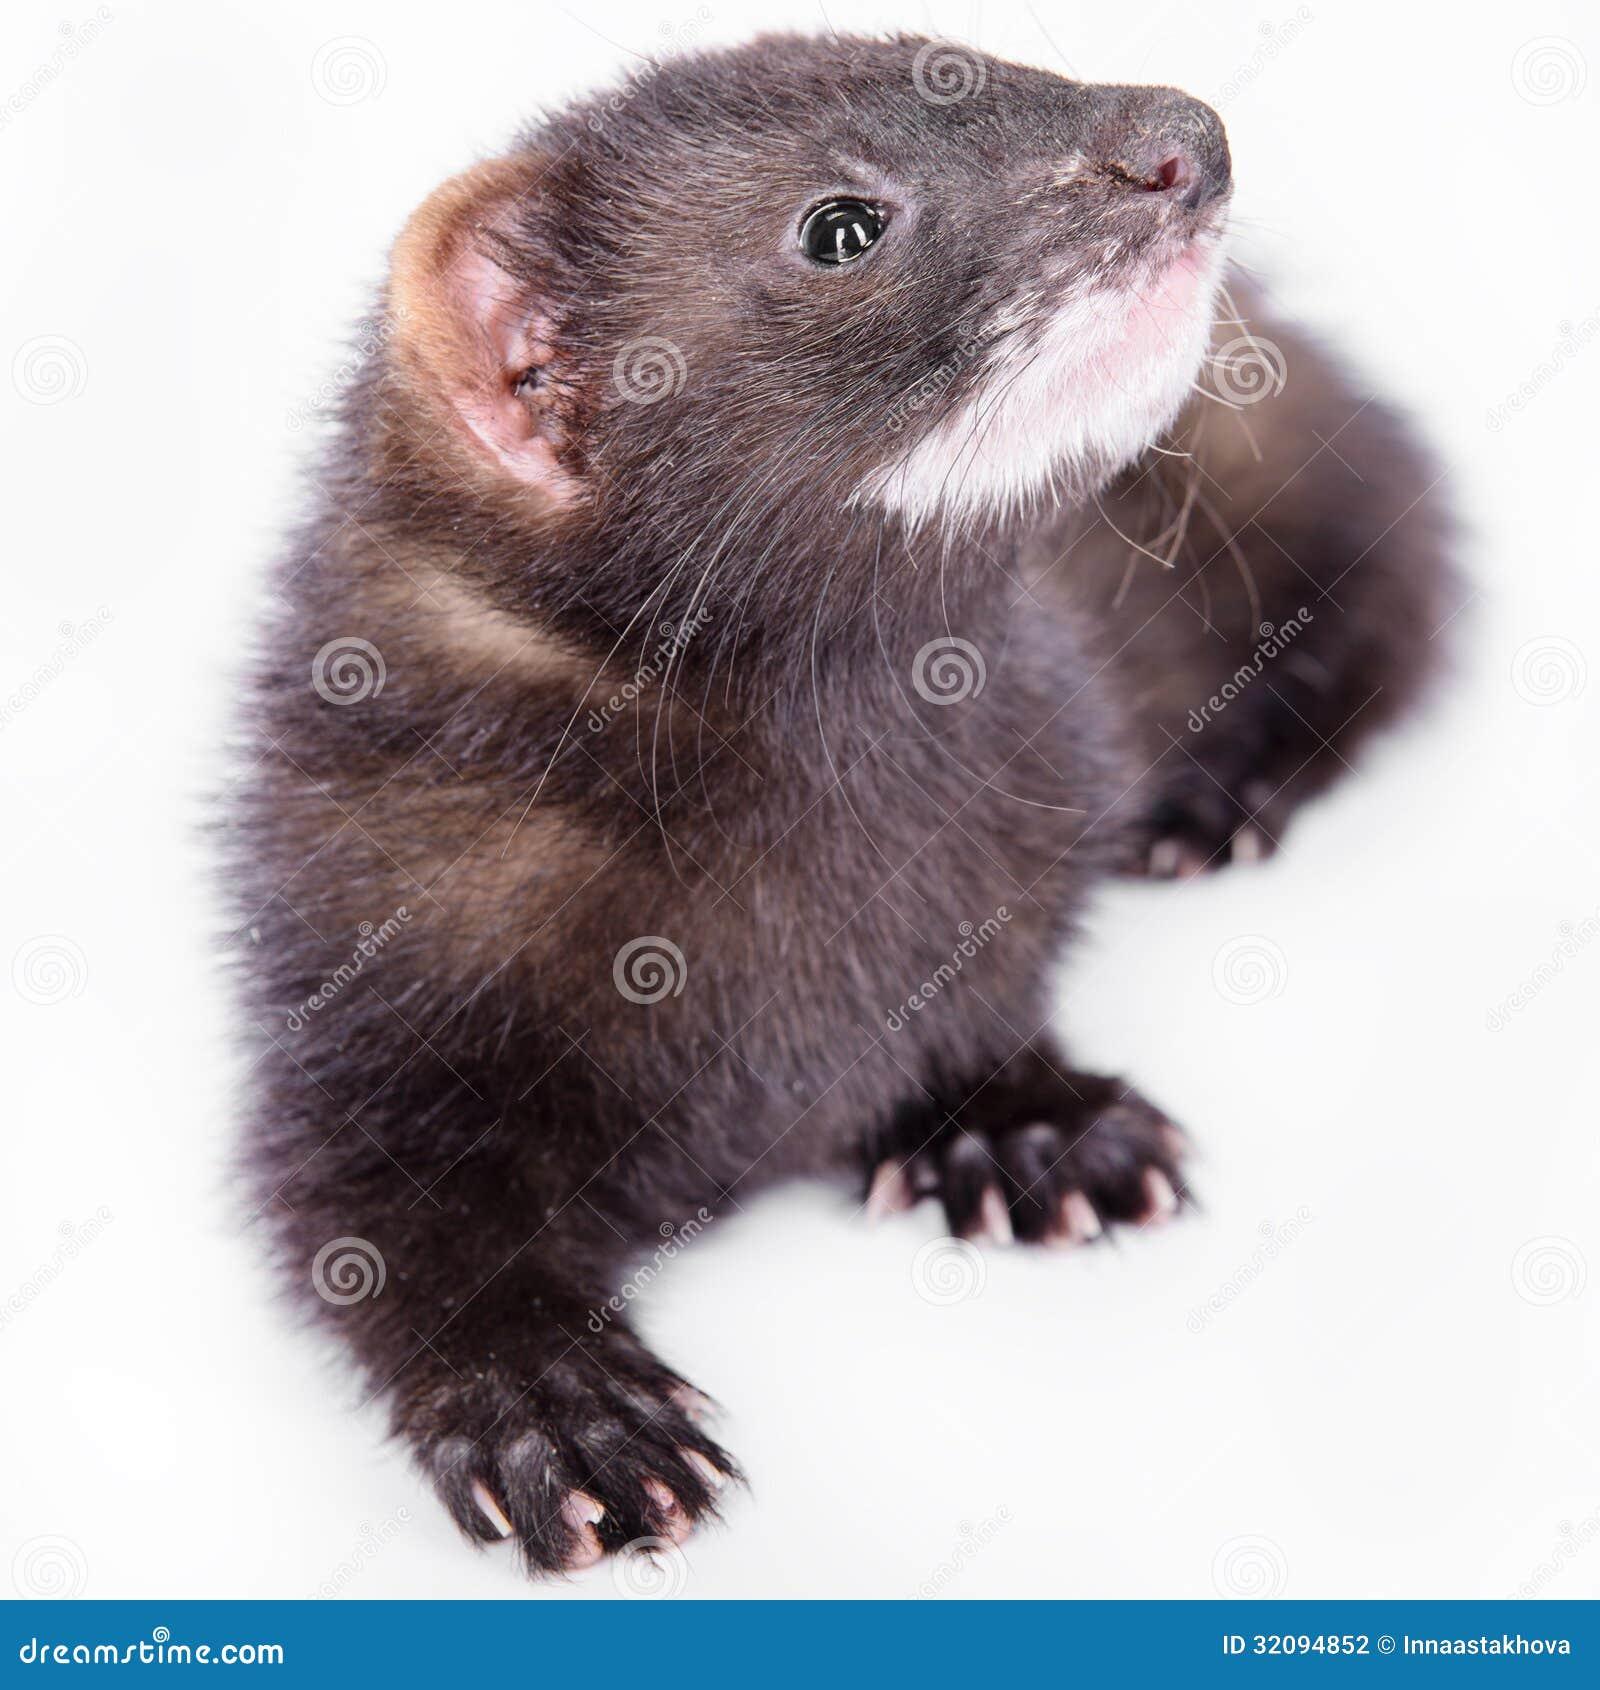 小啮齿目动物白鼬